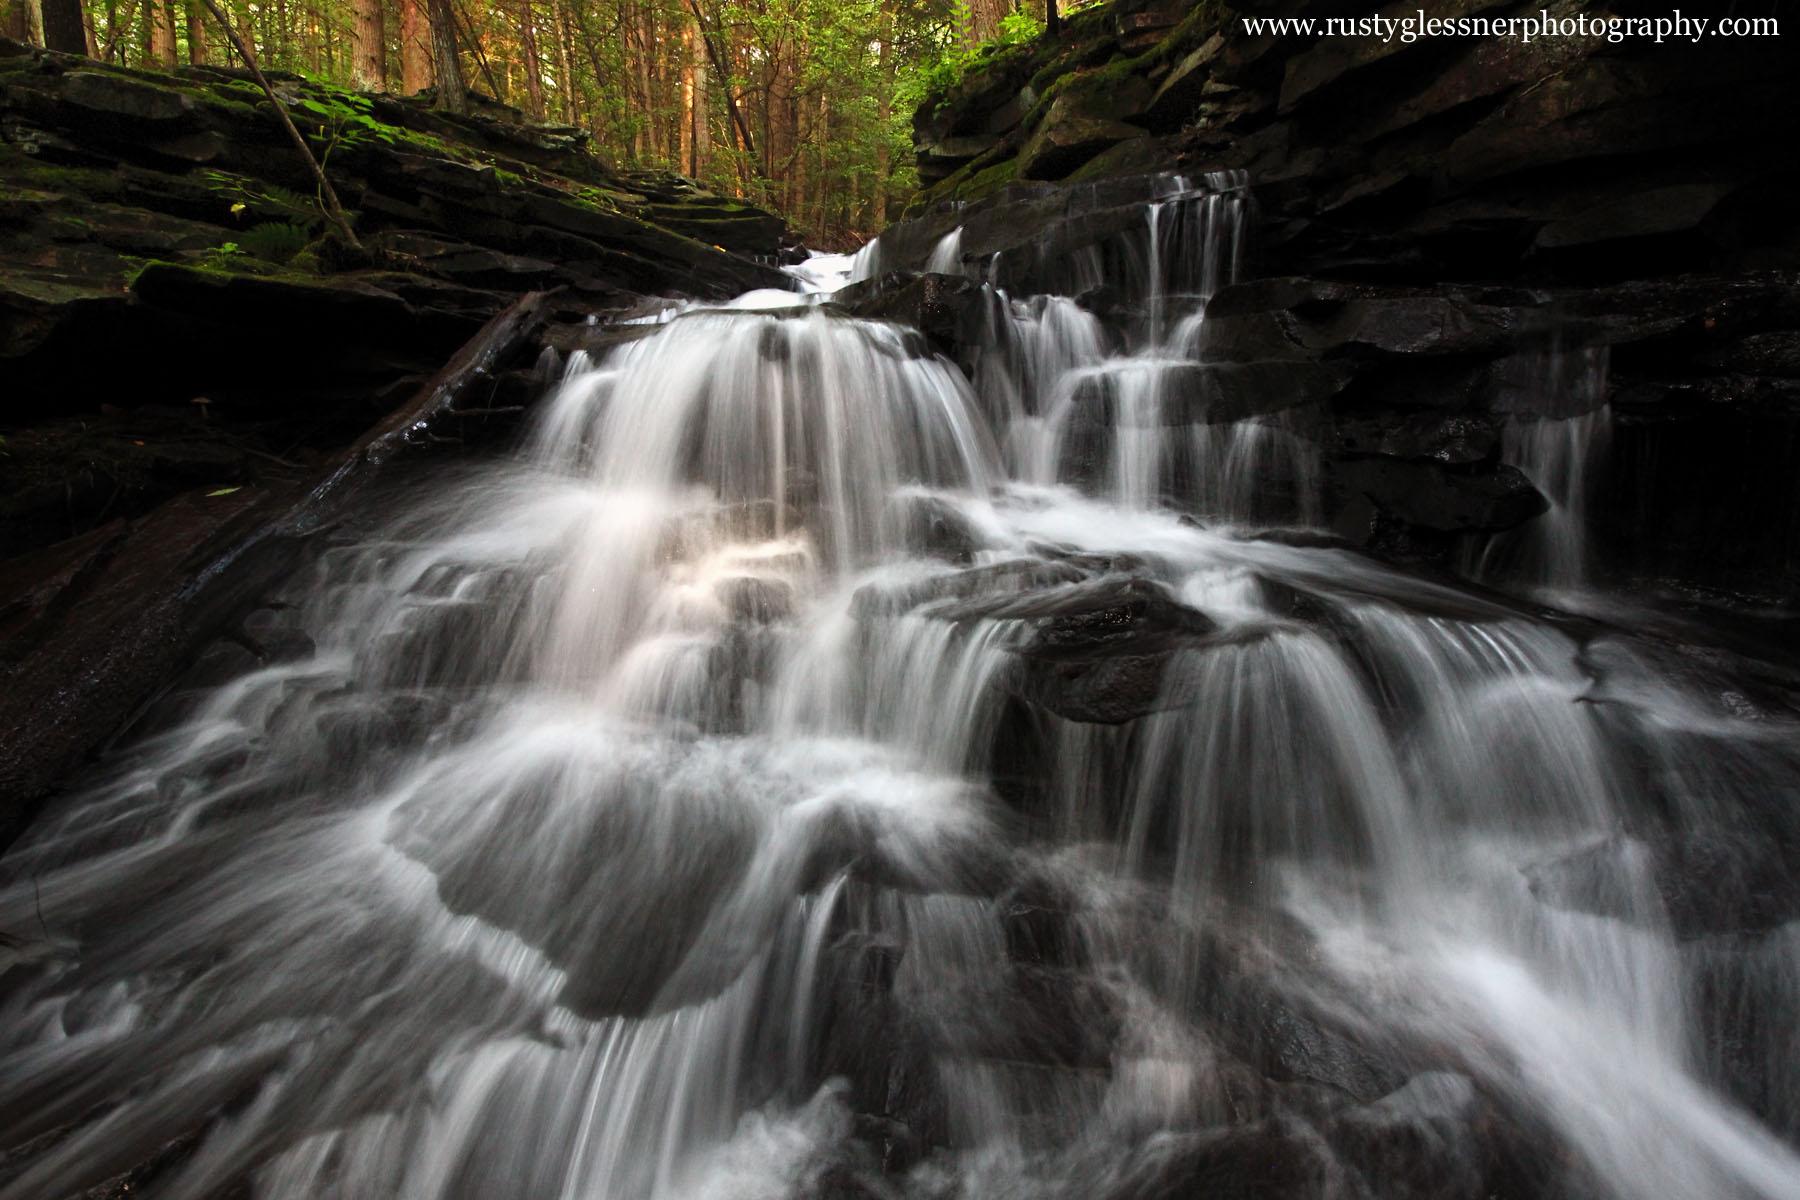 McElhatten Falls, Clinton County, Pennsylvania.